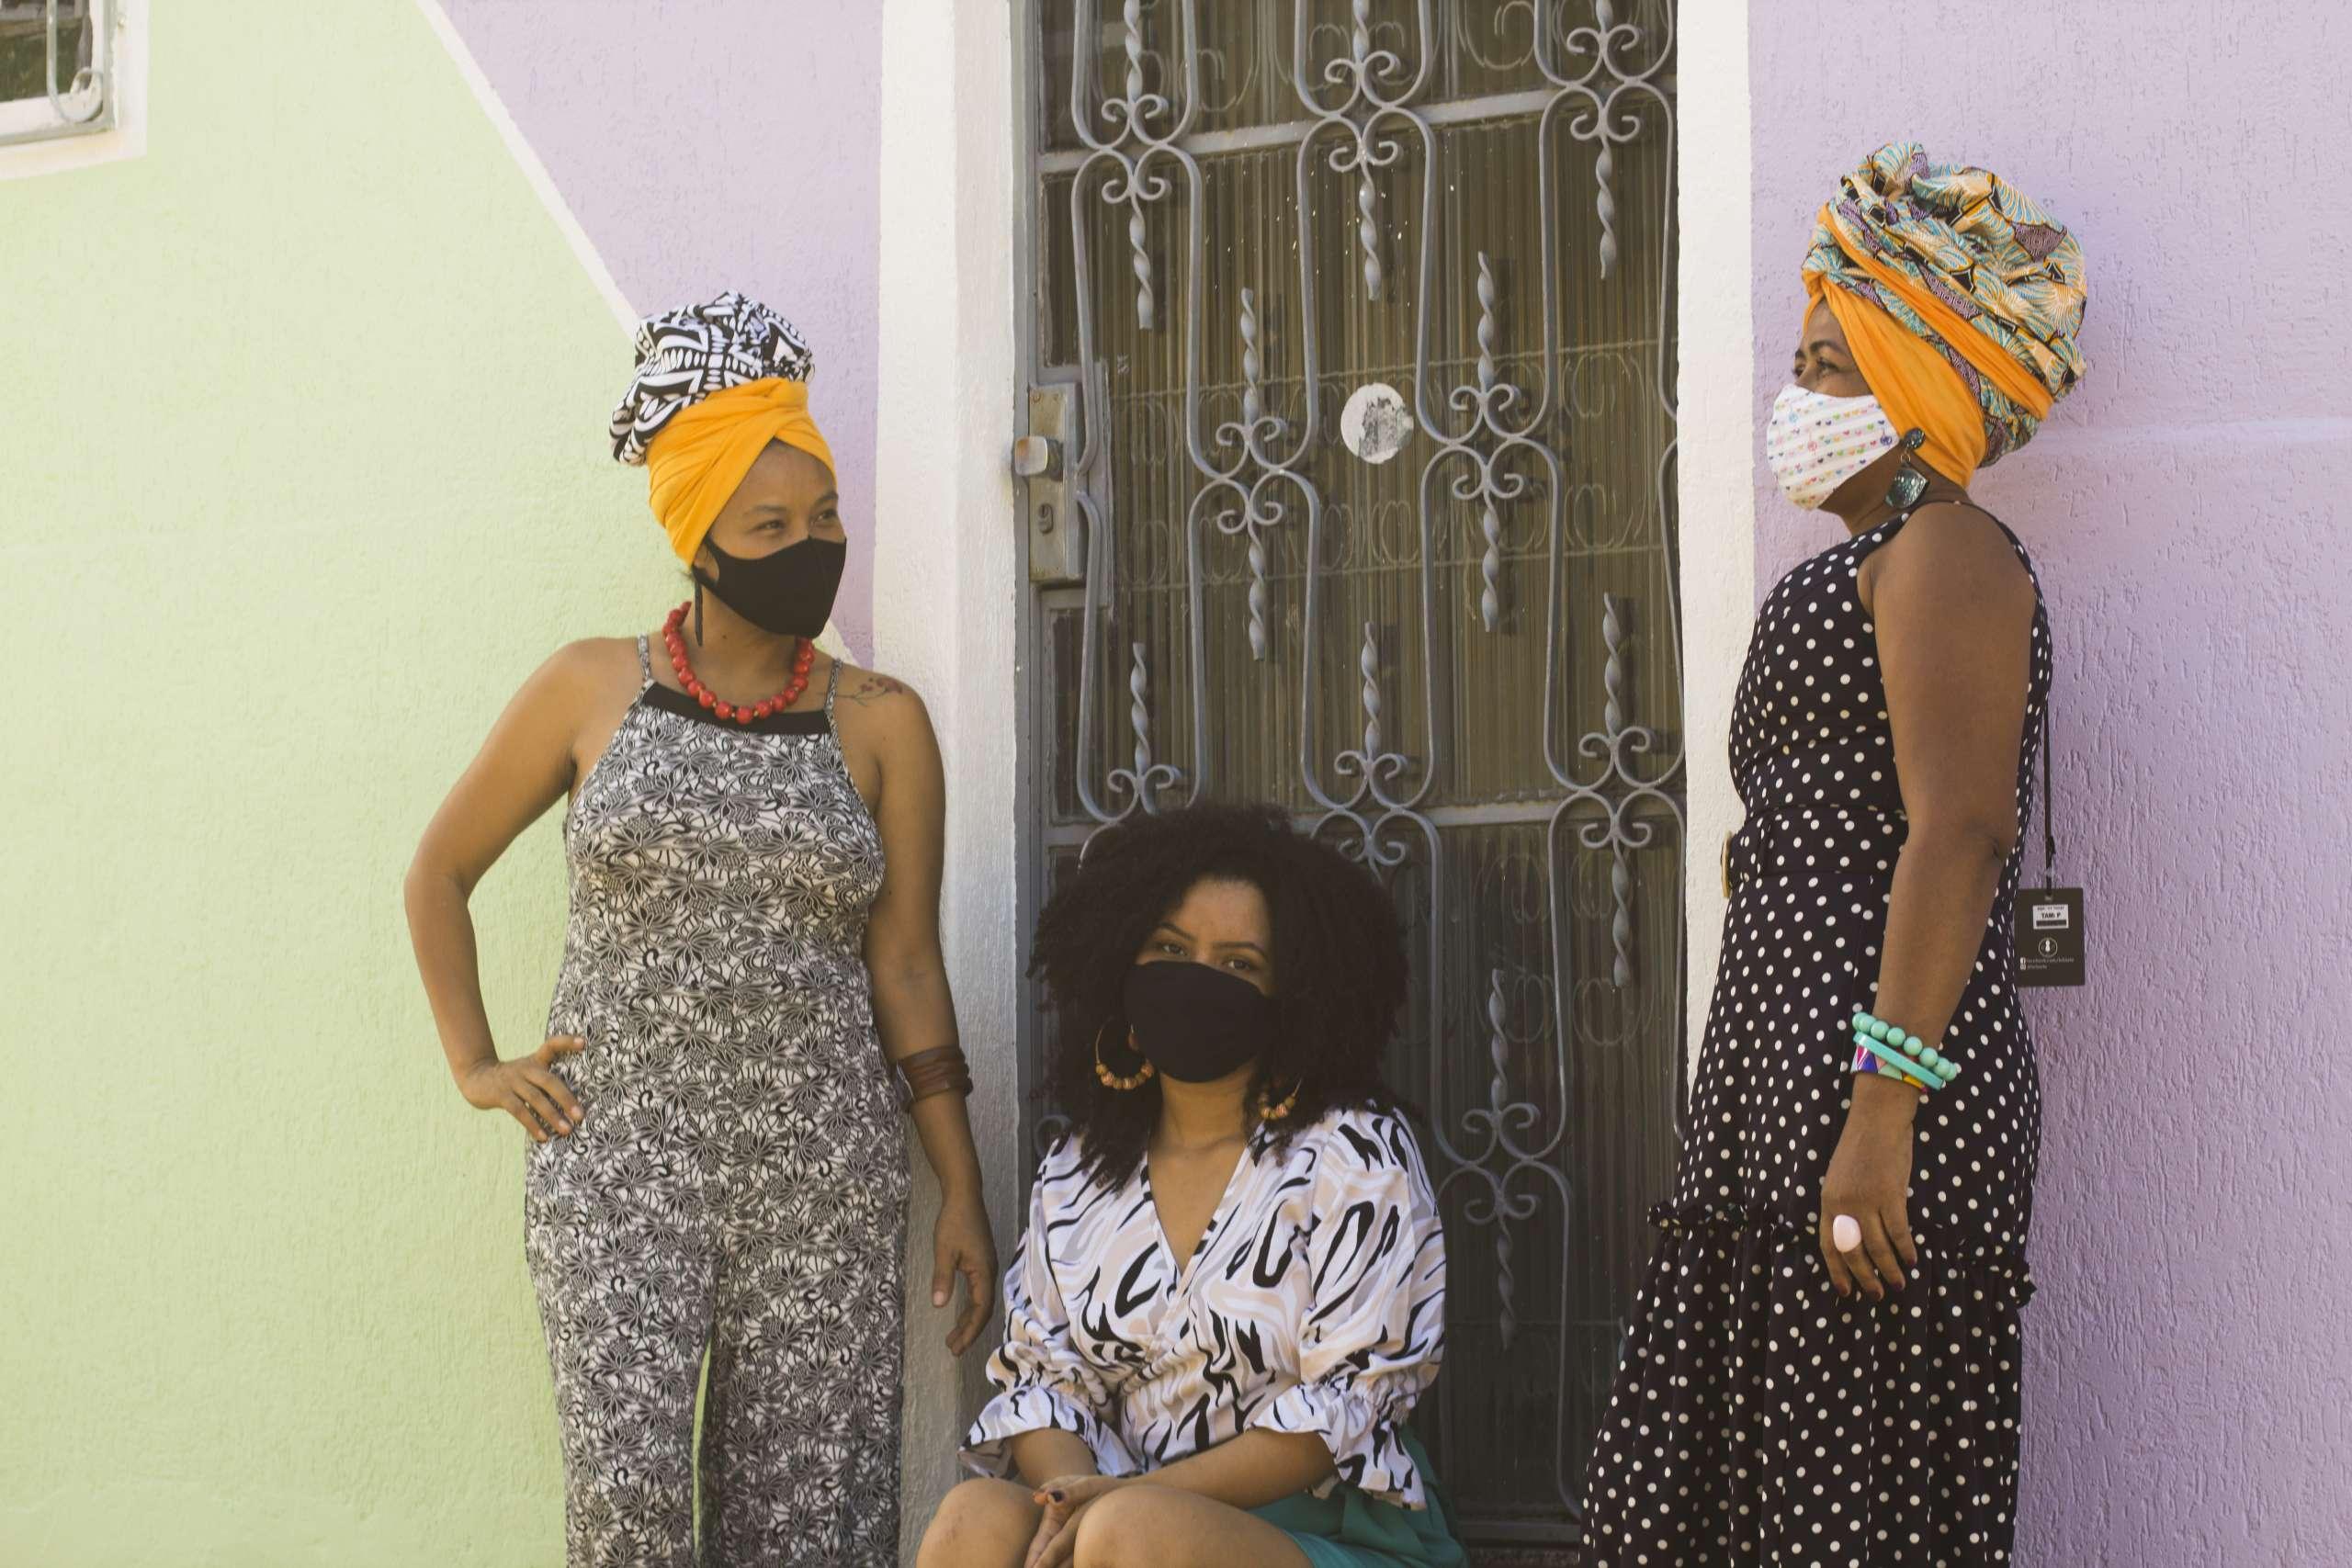 Mulheres negras traçam novos caminhos como empreendedoras e seguem se fortalecendo coletivamente